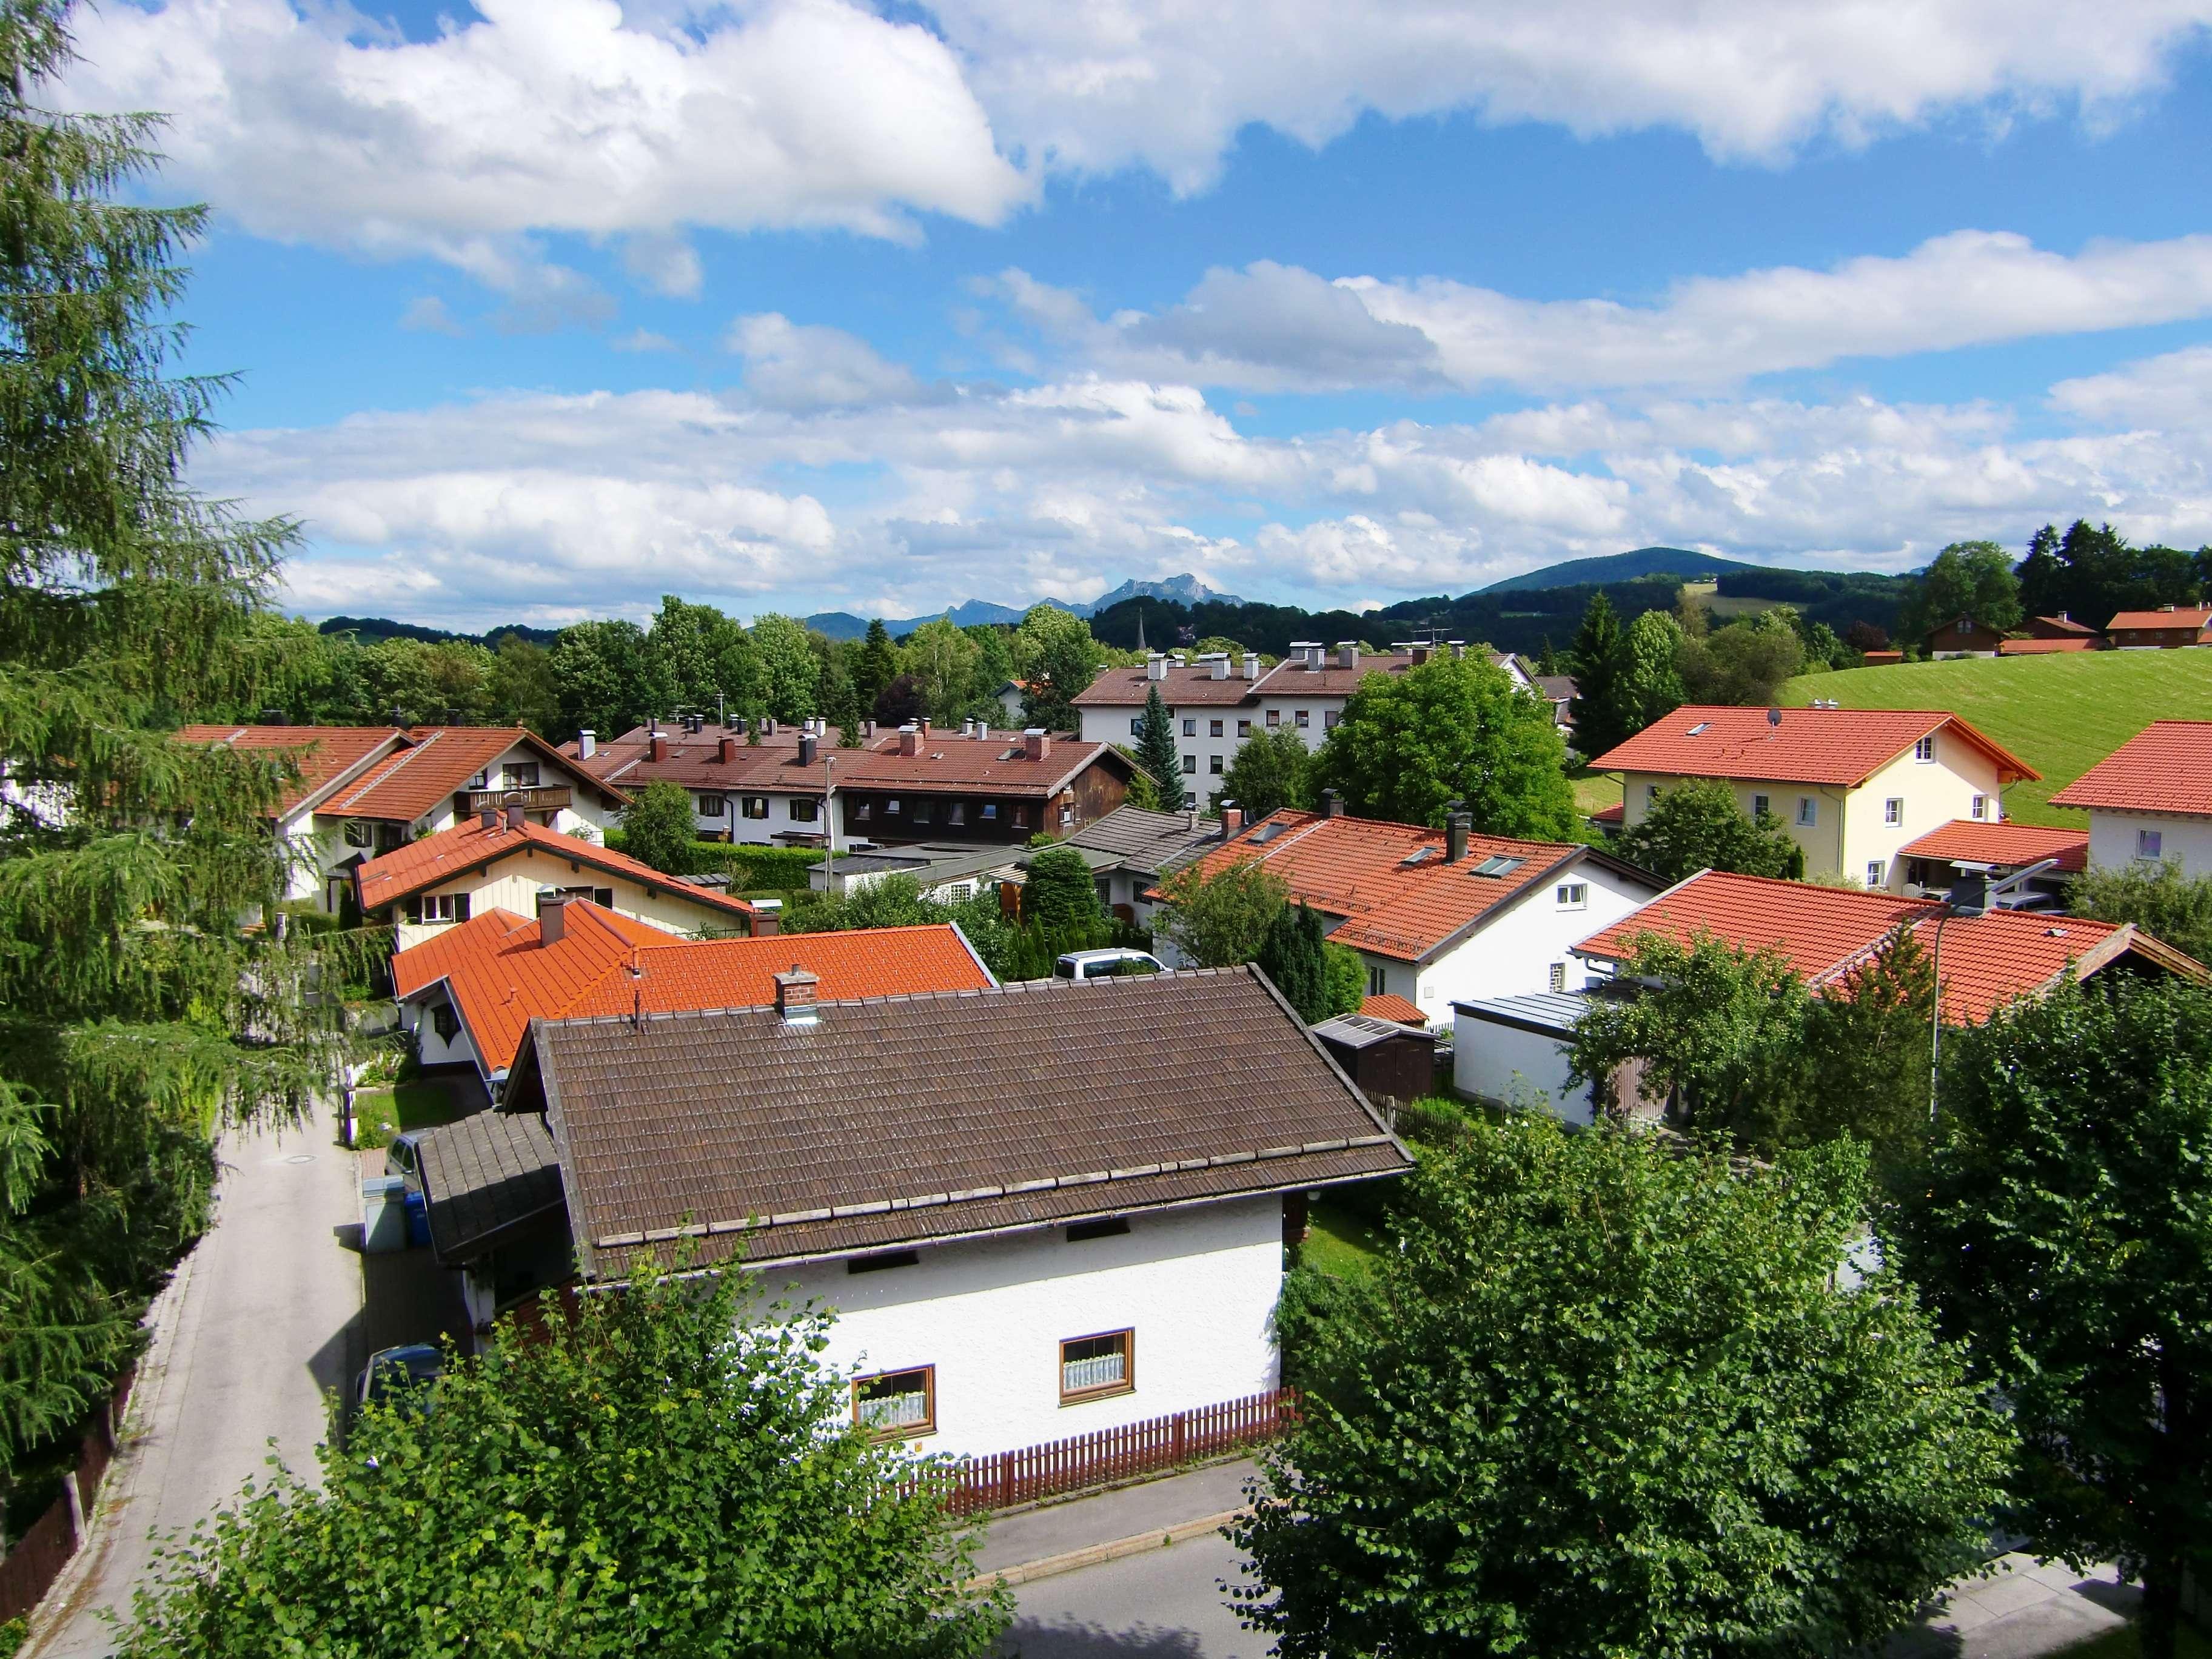 3 Zimmer Wohnung mit Bergblick in Miesbach